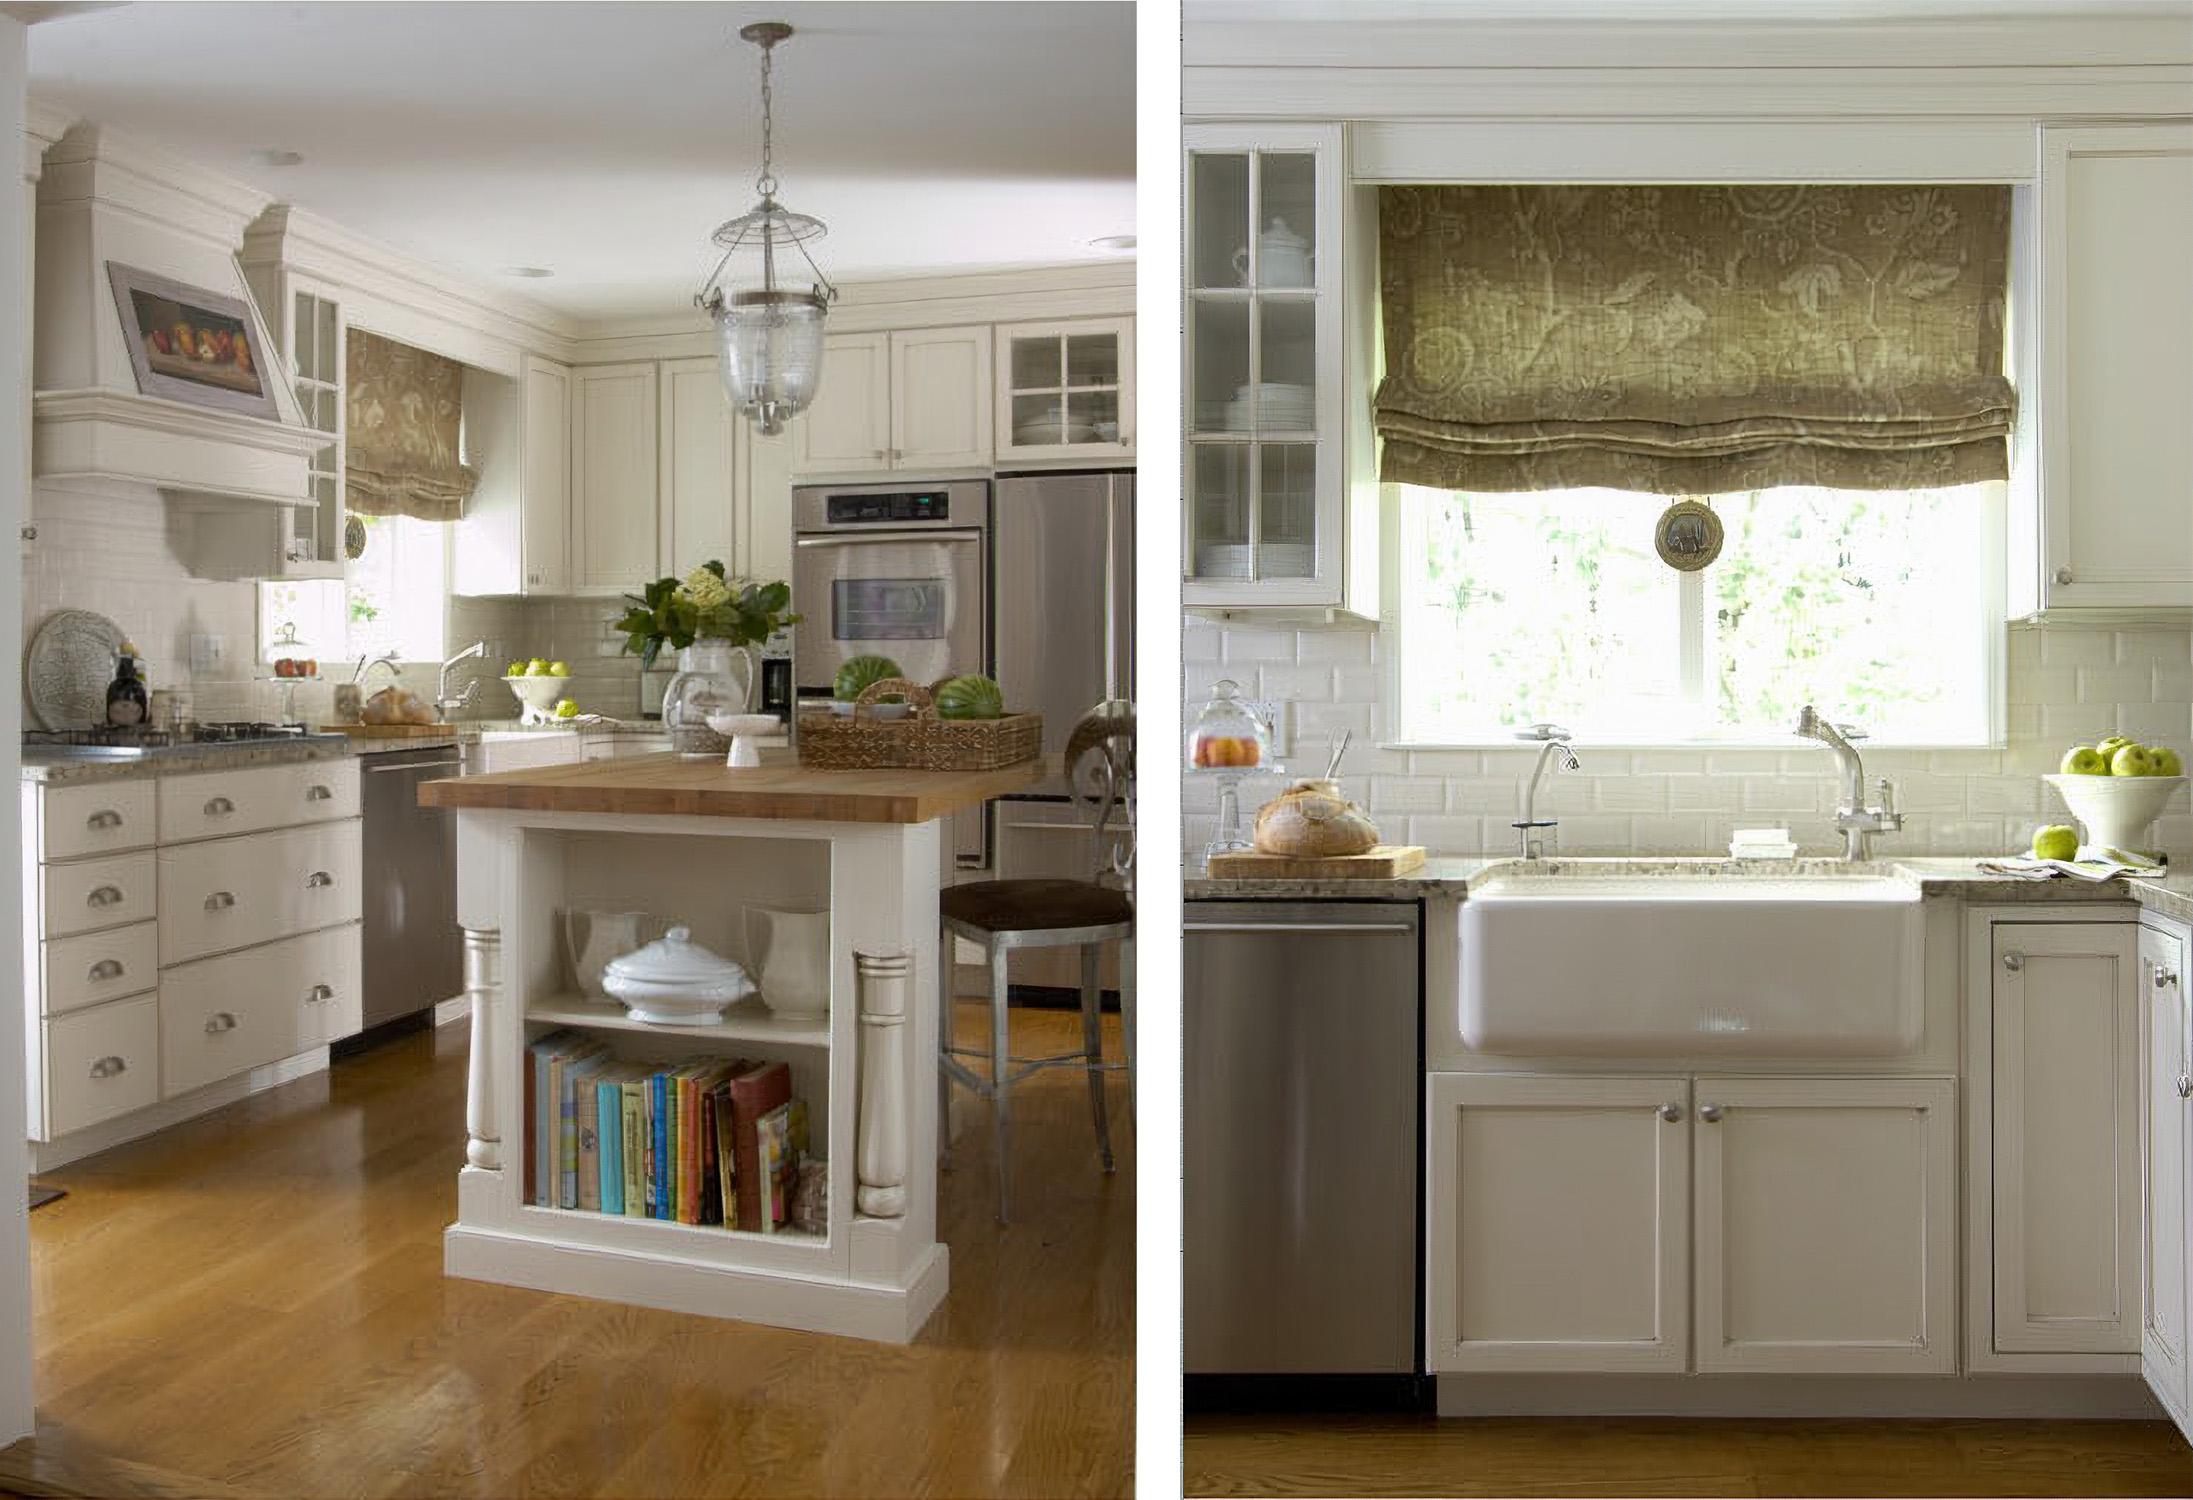 centerport kitchen pair.jpg